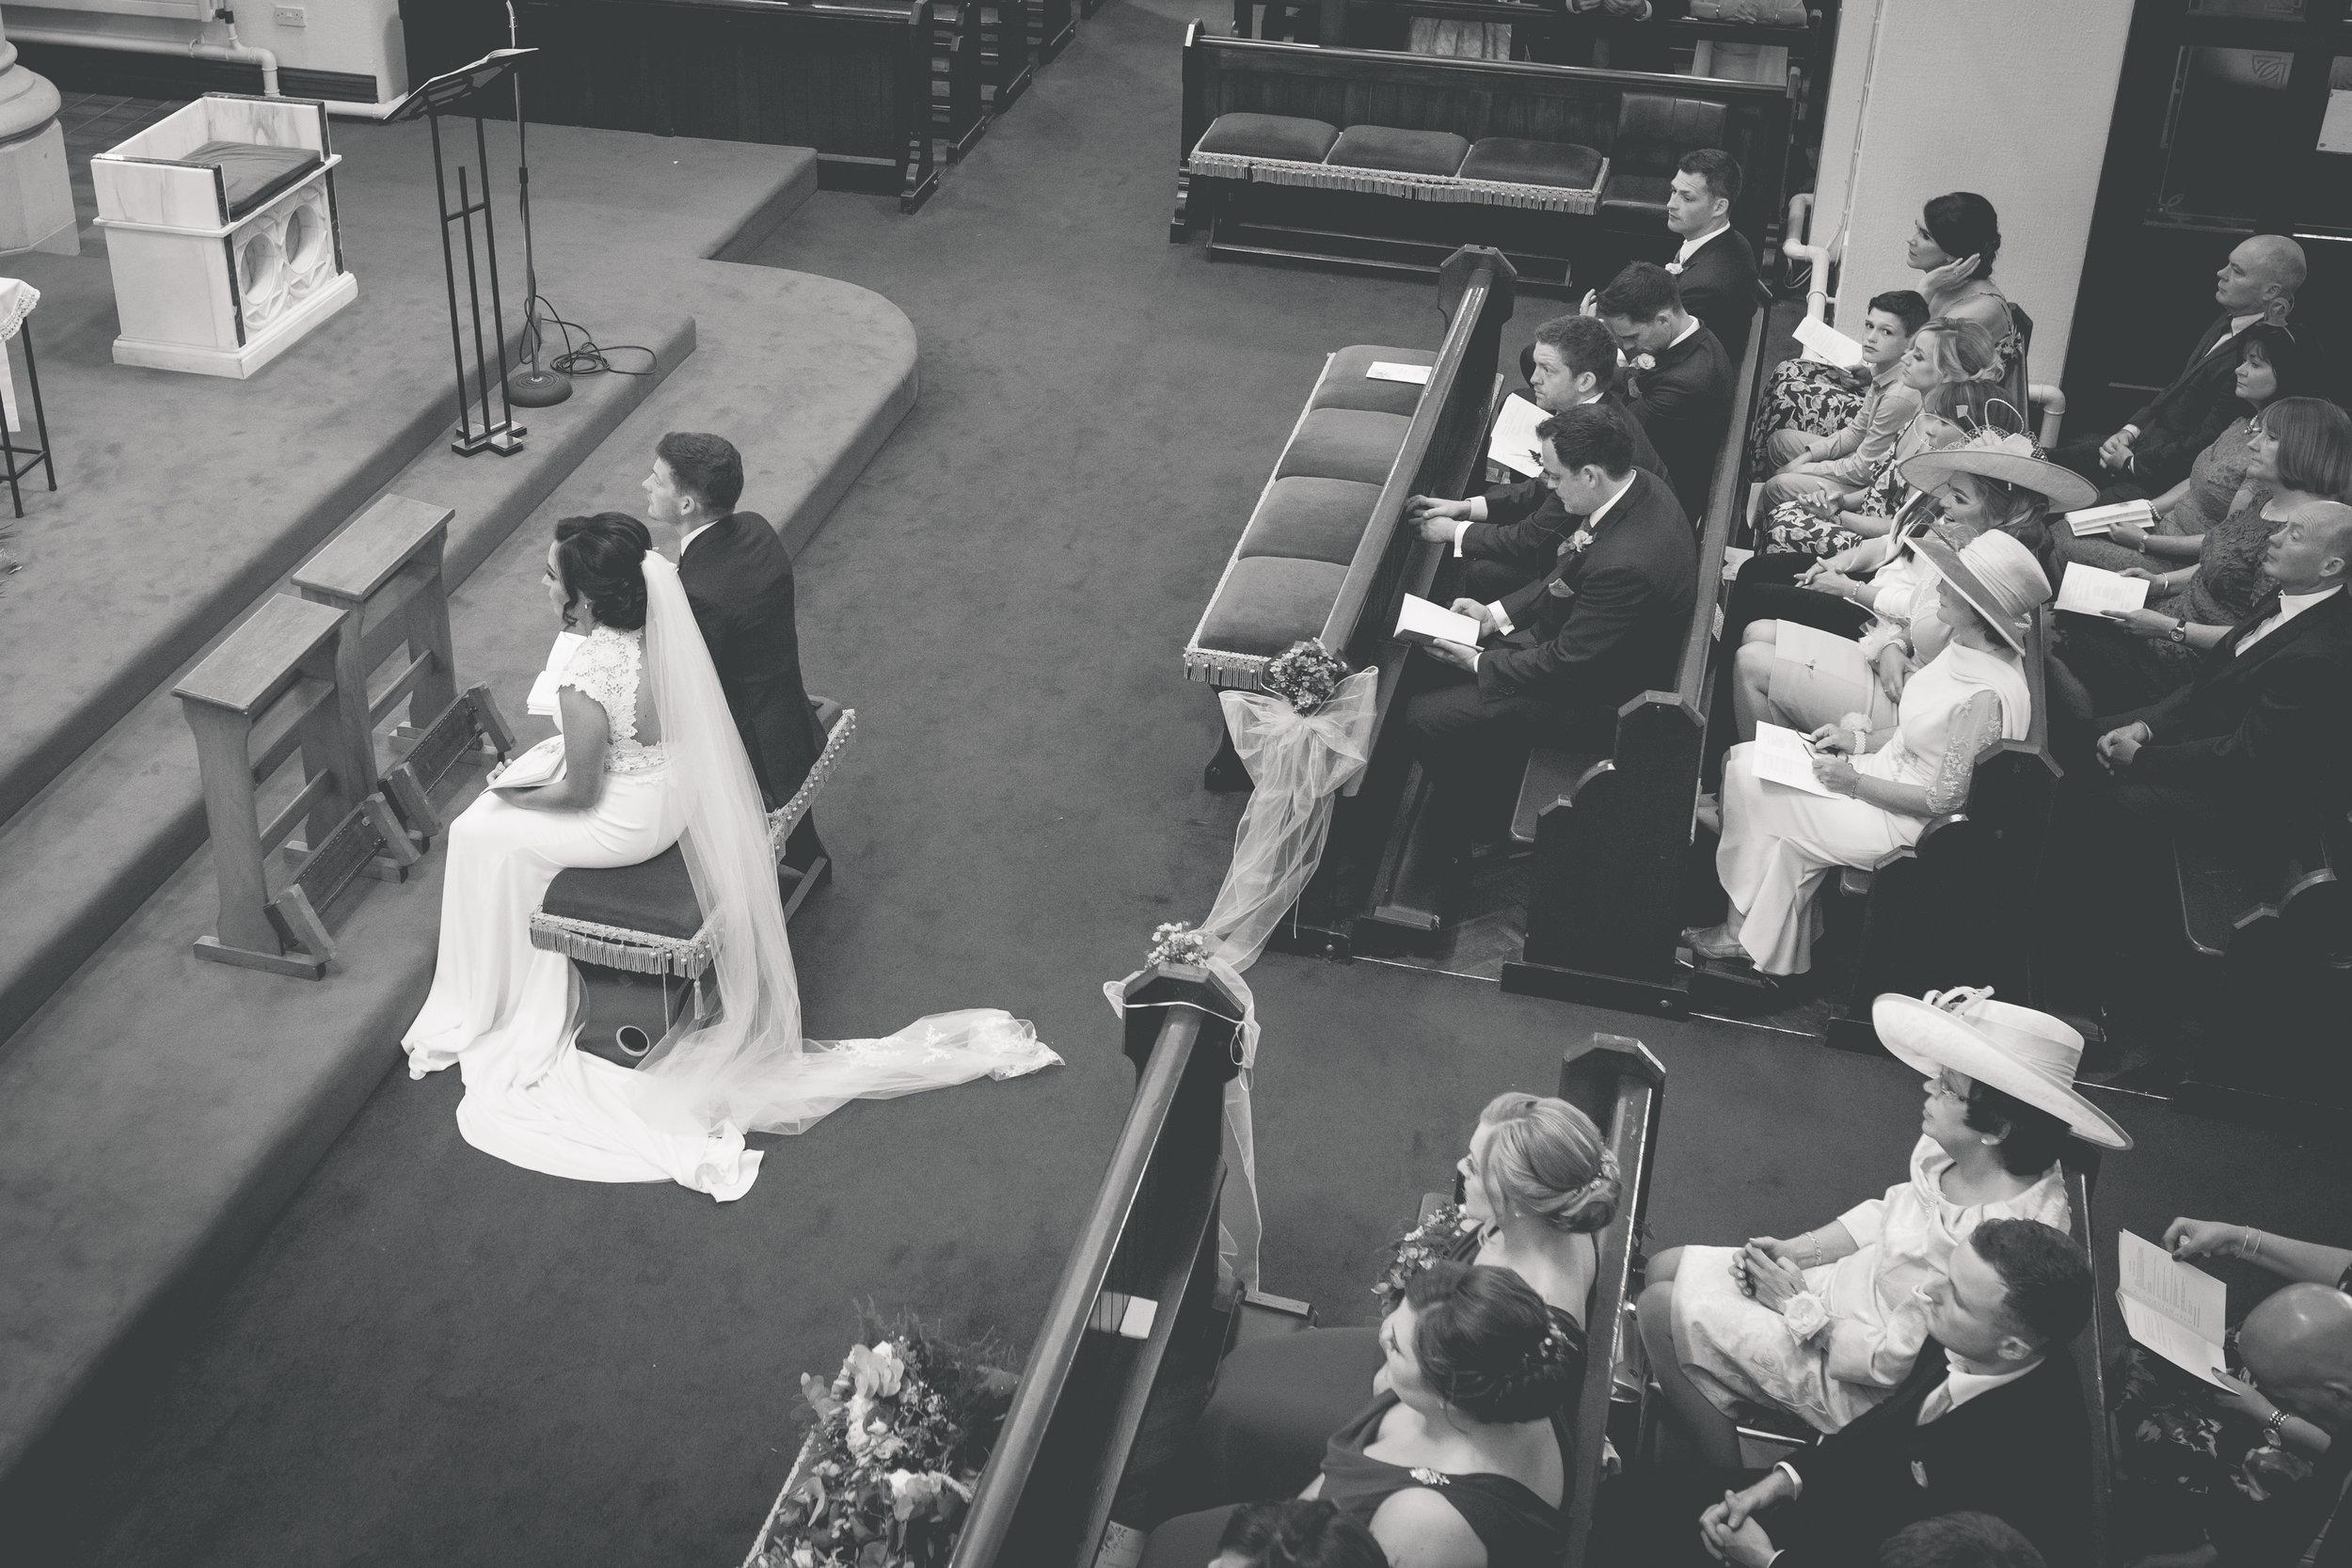 Brian McEwan Wedding Photography   Carol-Anne & Sean   The Ceremony-64.jpg